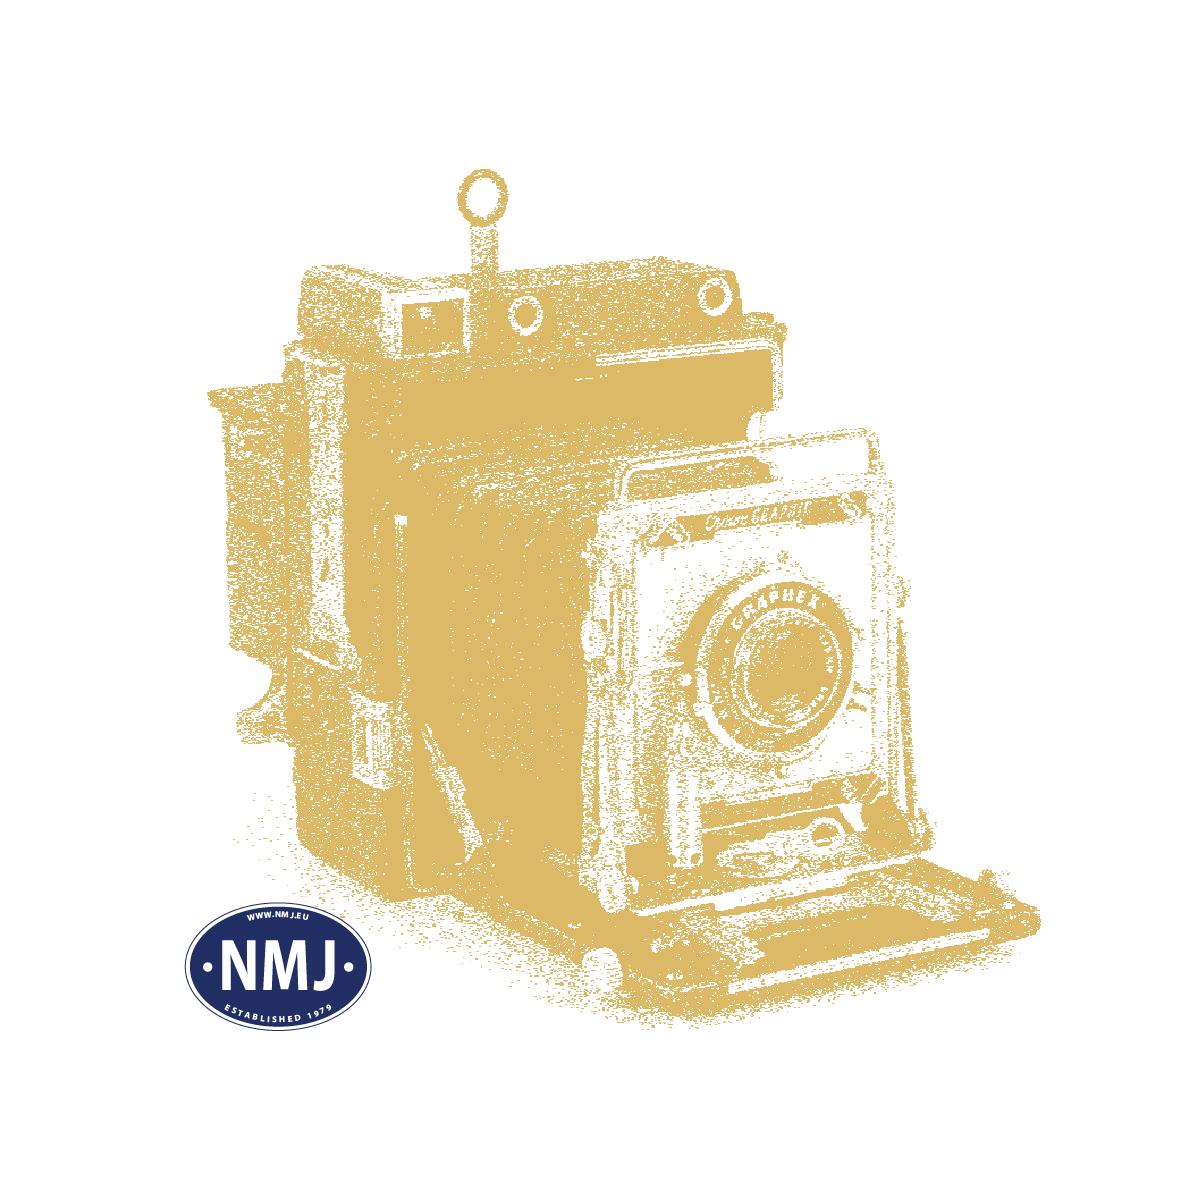 NMJT505.501 - NMJ Topline Rps 3176-3933241-2 Flachwagen der NSB bel.m.Holzbstämmen